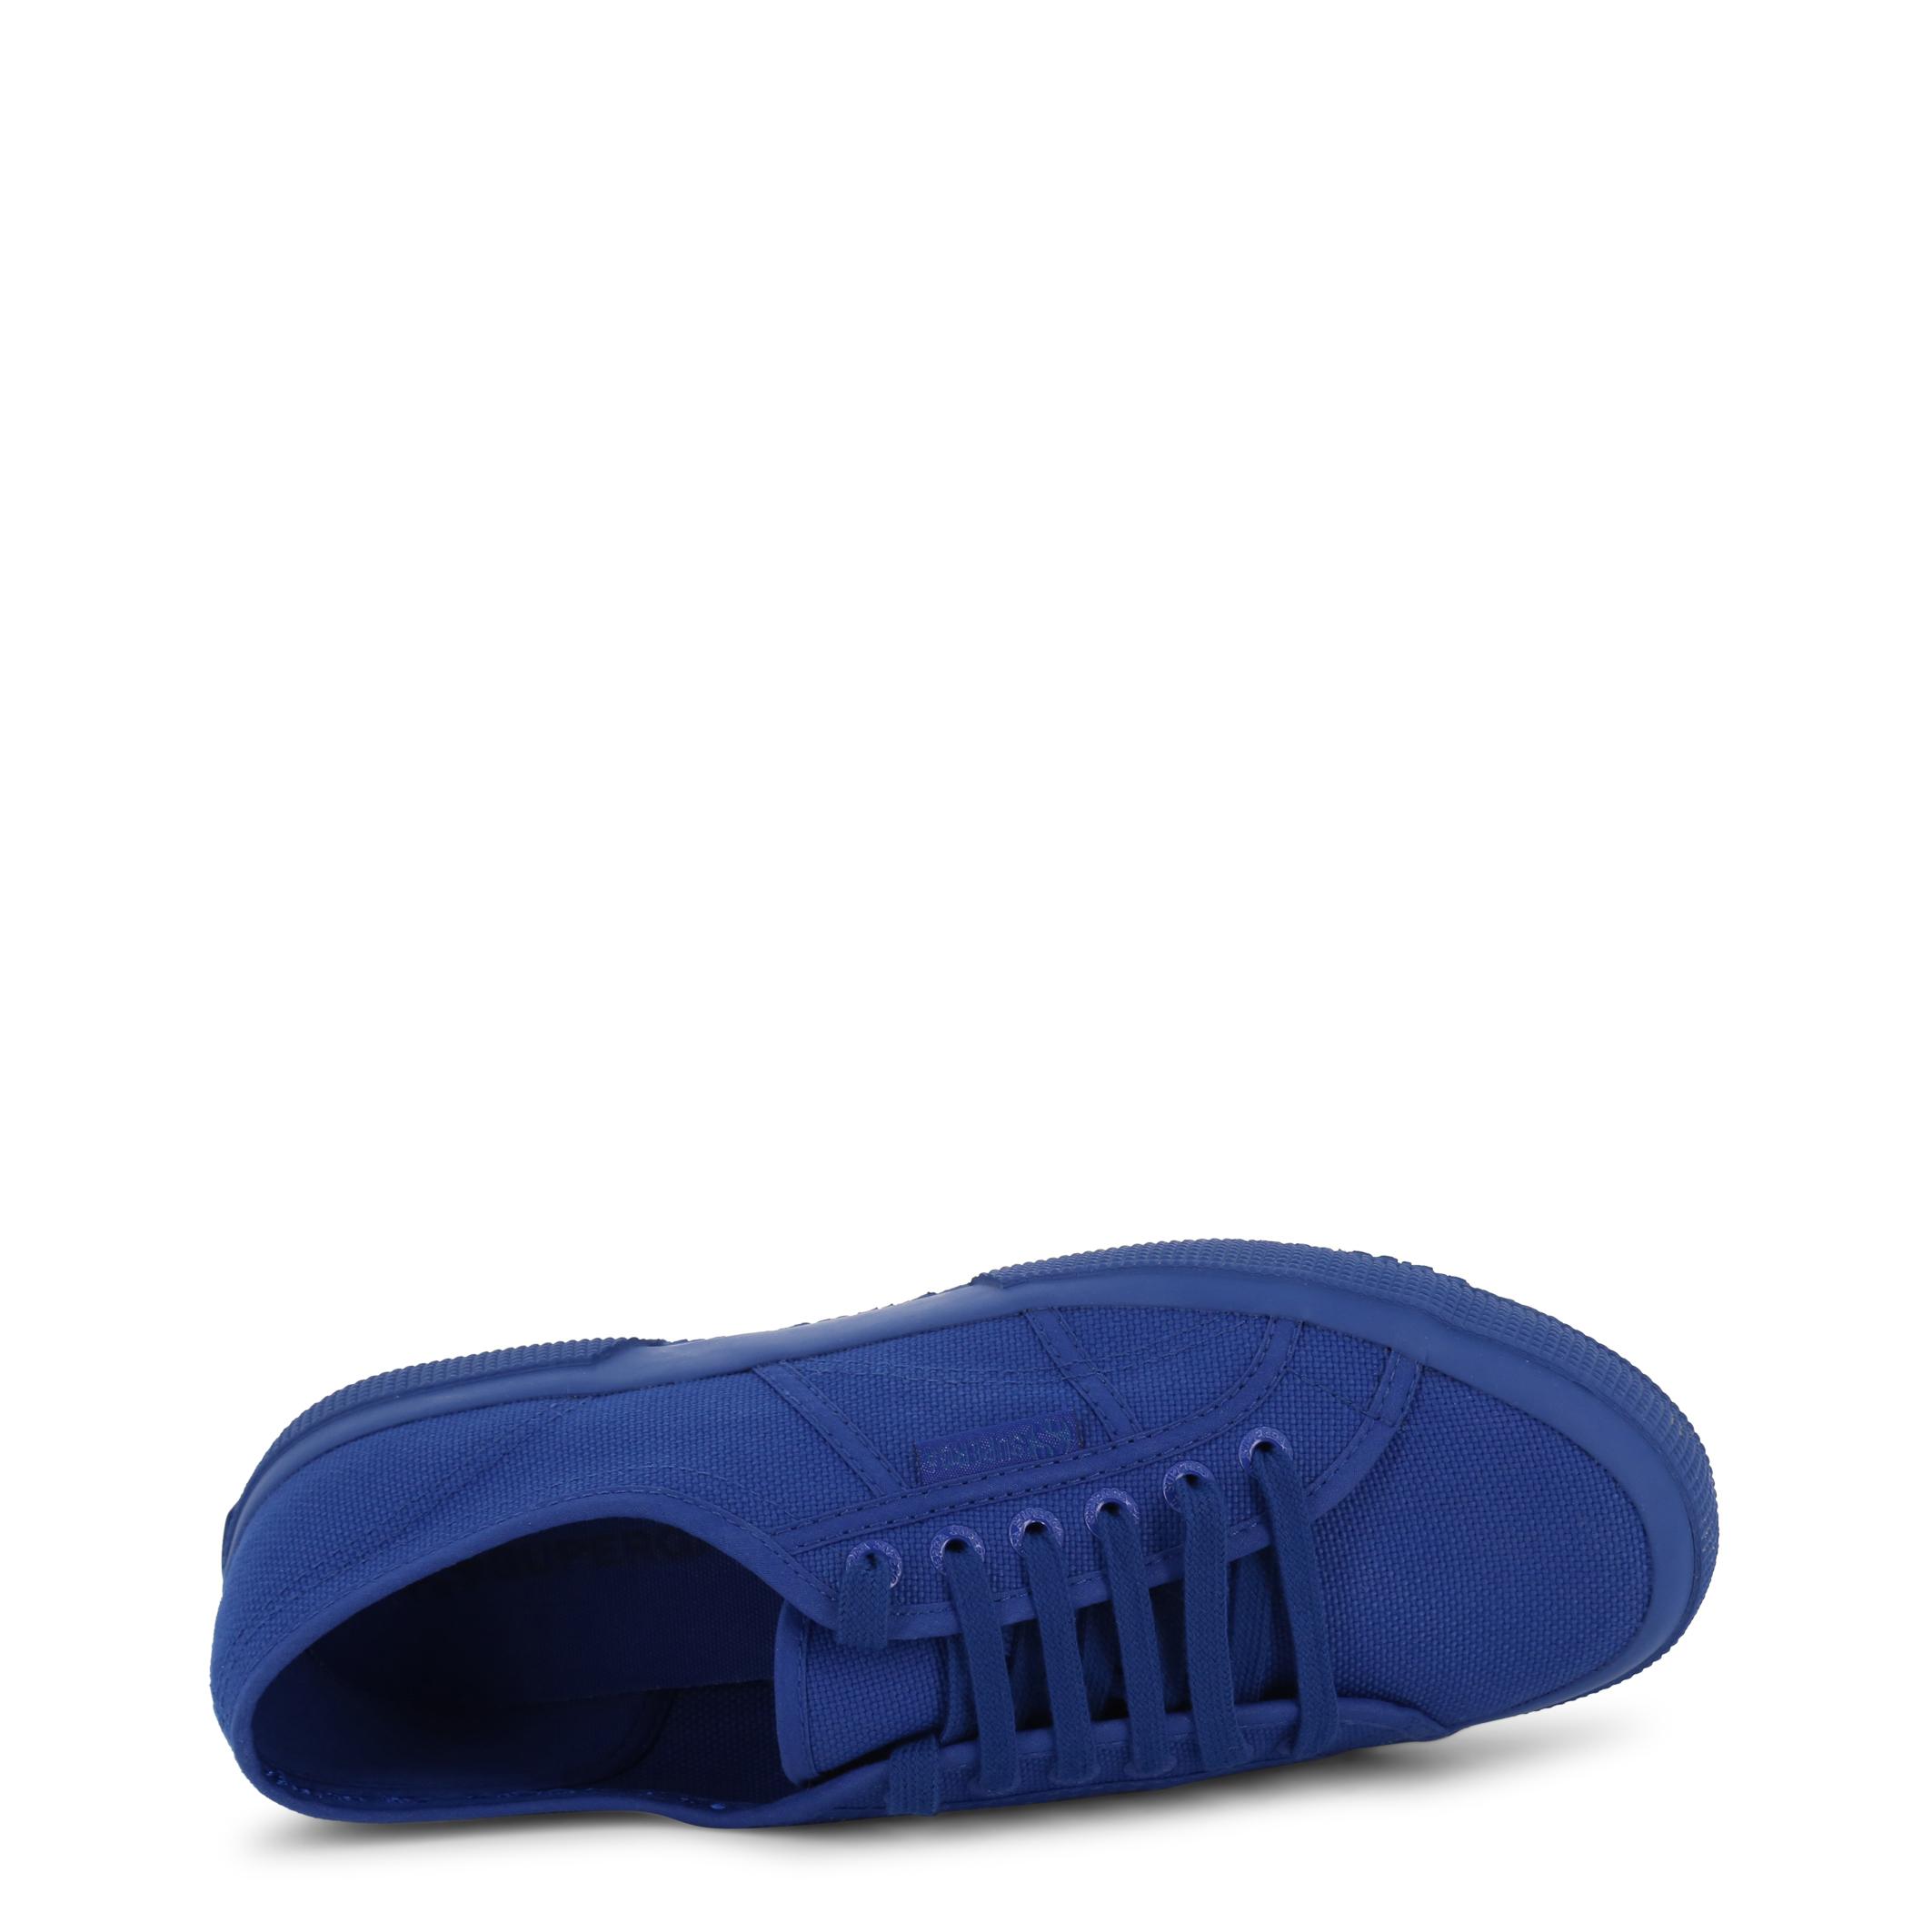 Sneakers-Superga-2750-COTU-CLASSIC-Unisex-Blu-98013 miniatura 3